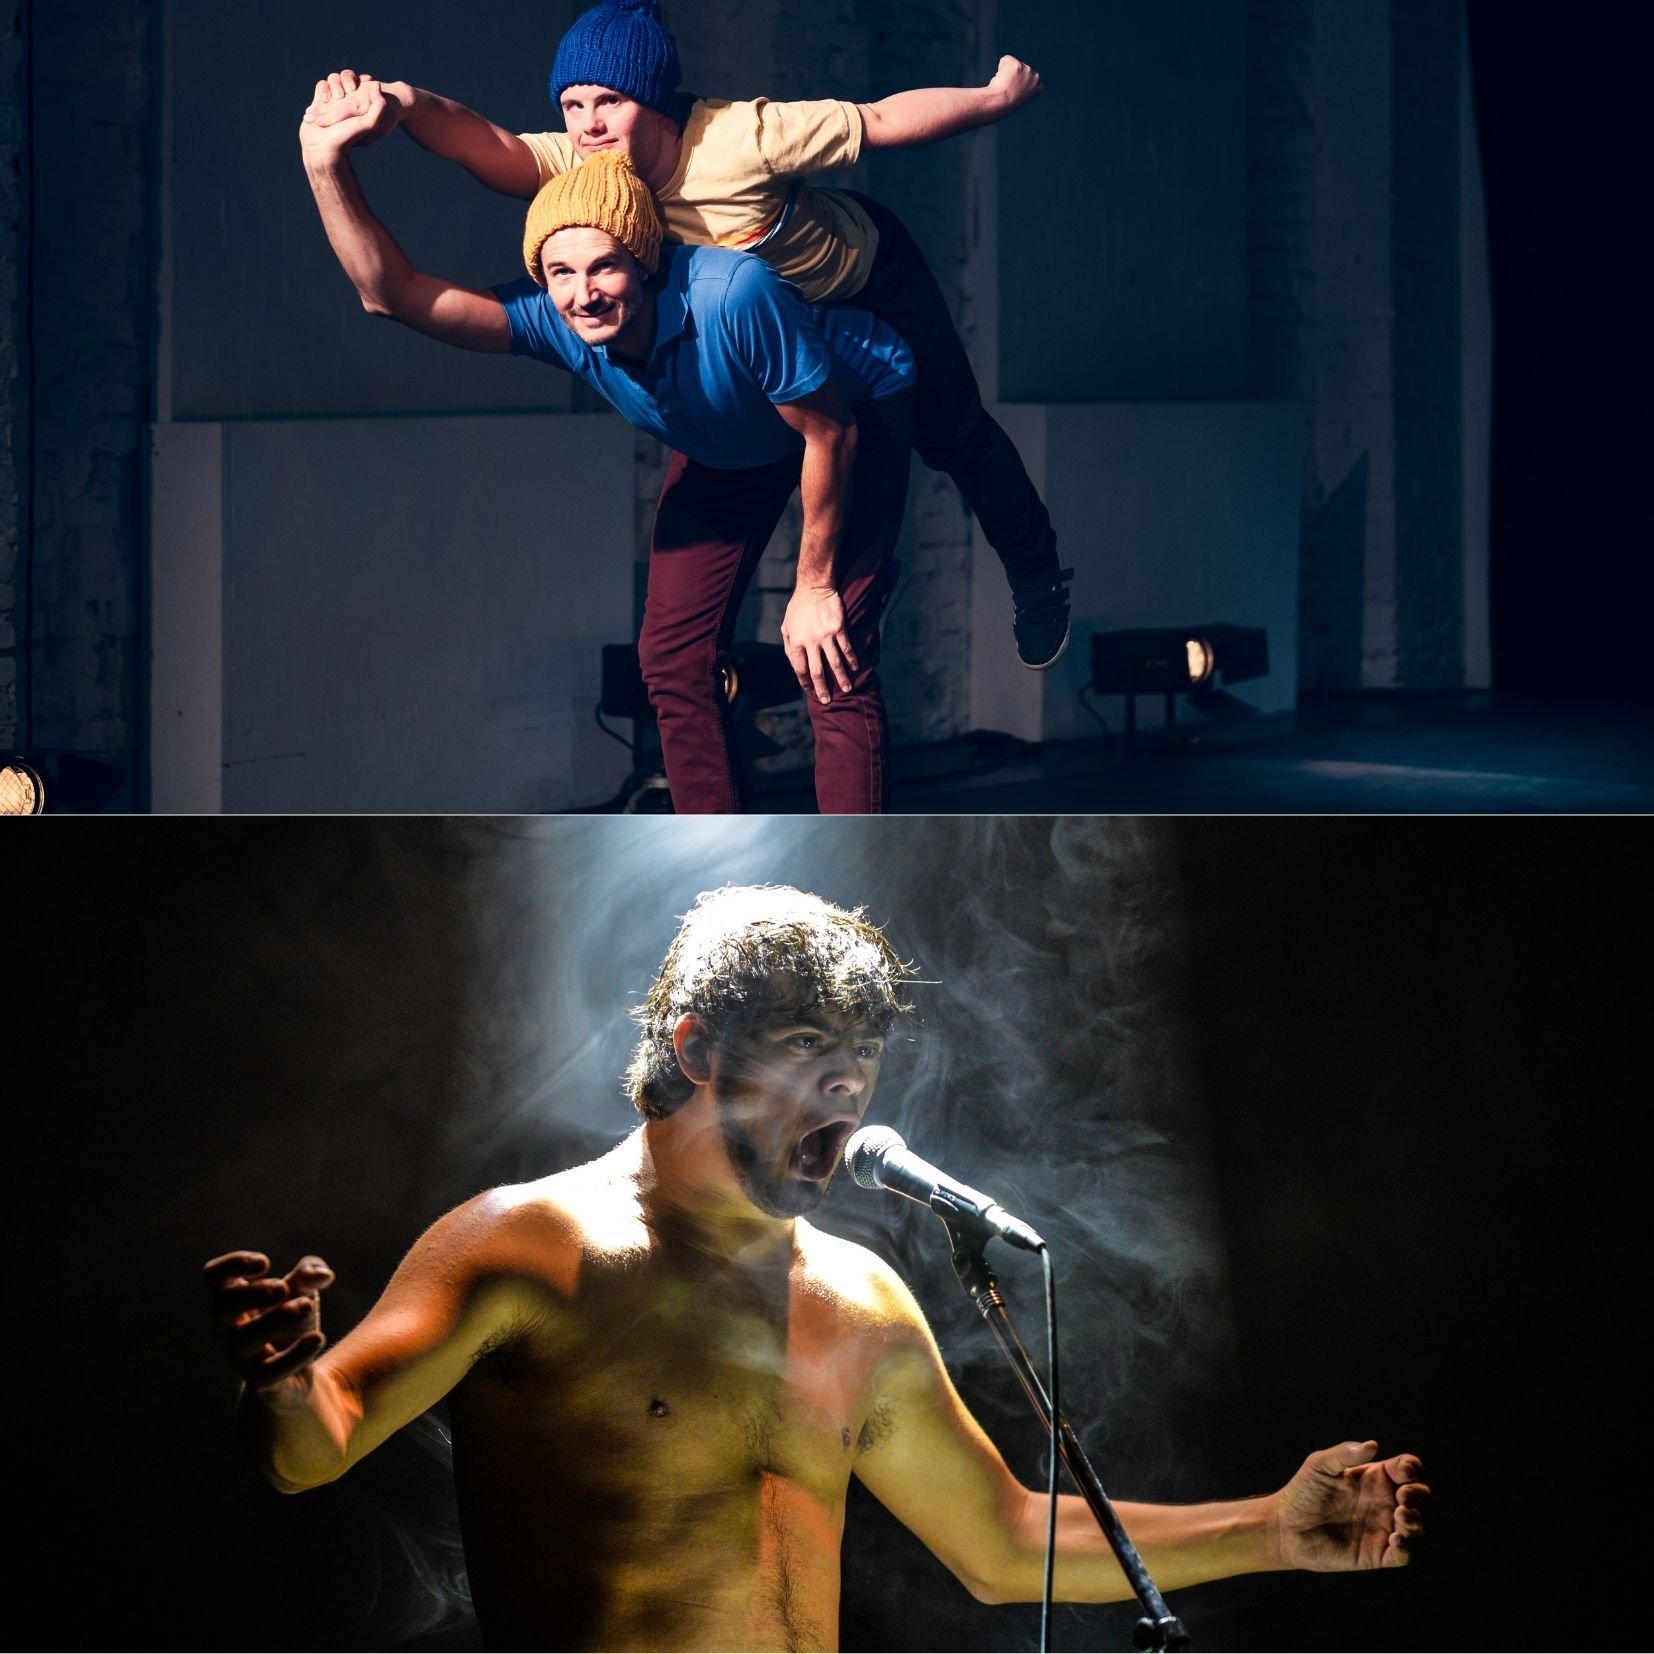 La Compañía Danza Mobile realizó una gira por Suiza con dos espectáculos de danza